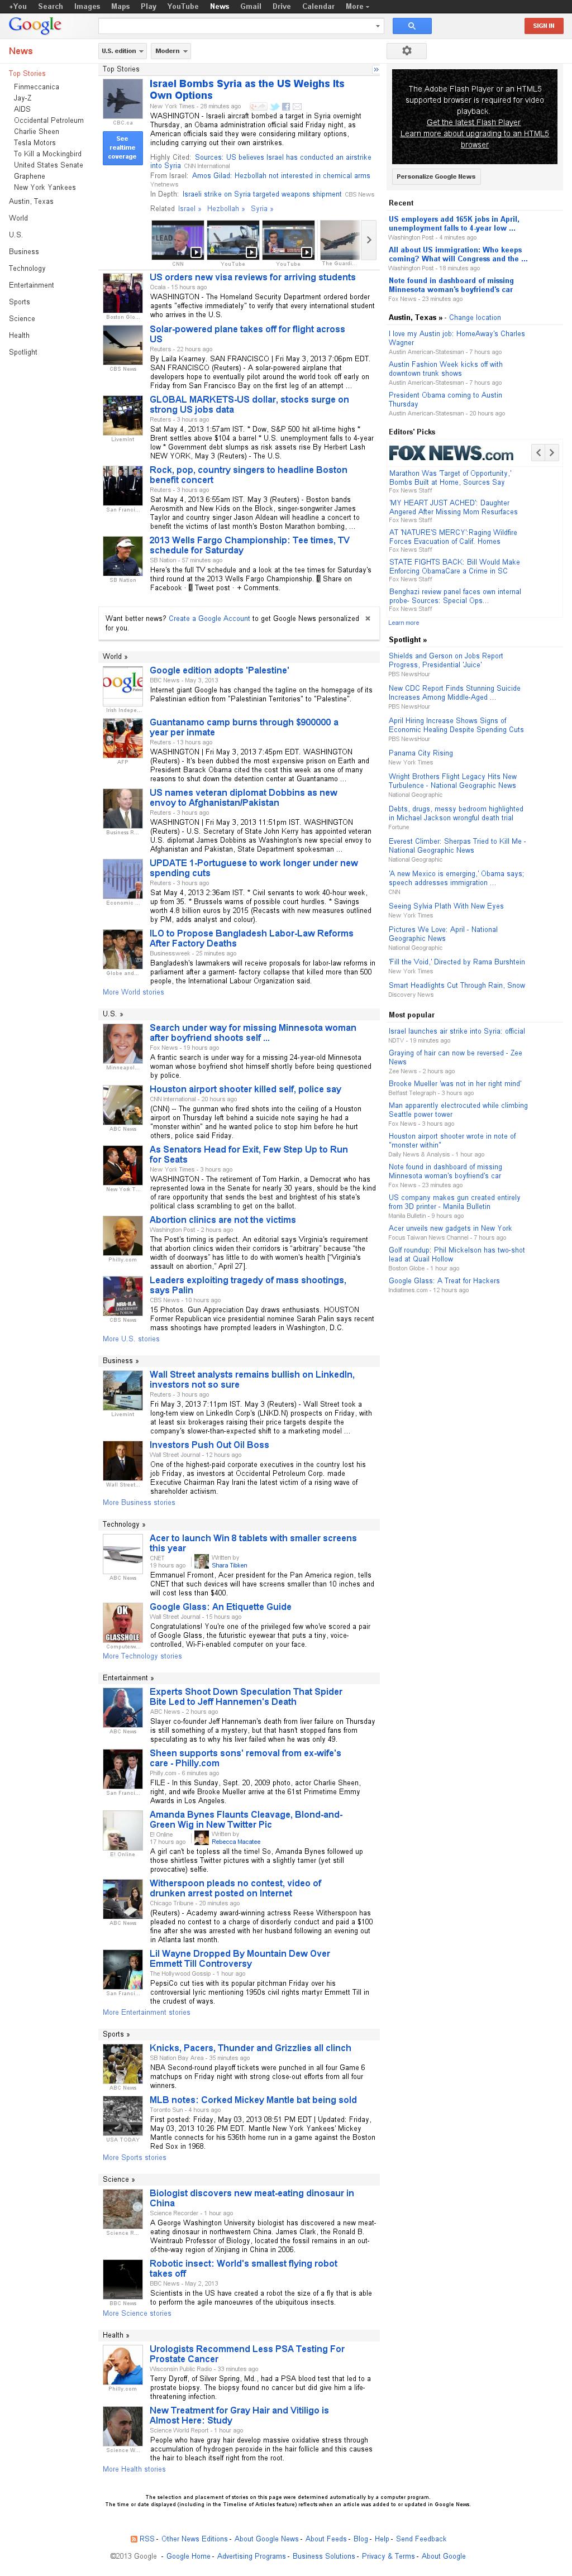 Google News at Saturday May 4, 2013, 1:09 p.m. UTC